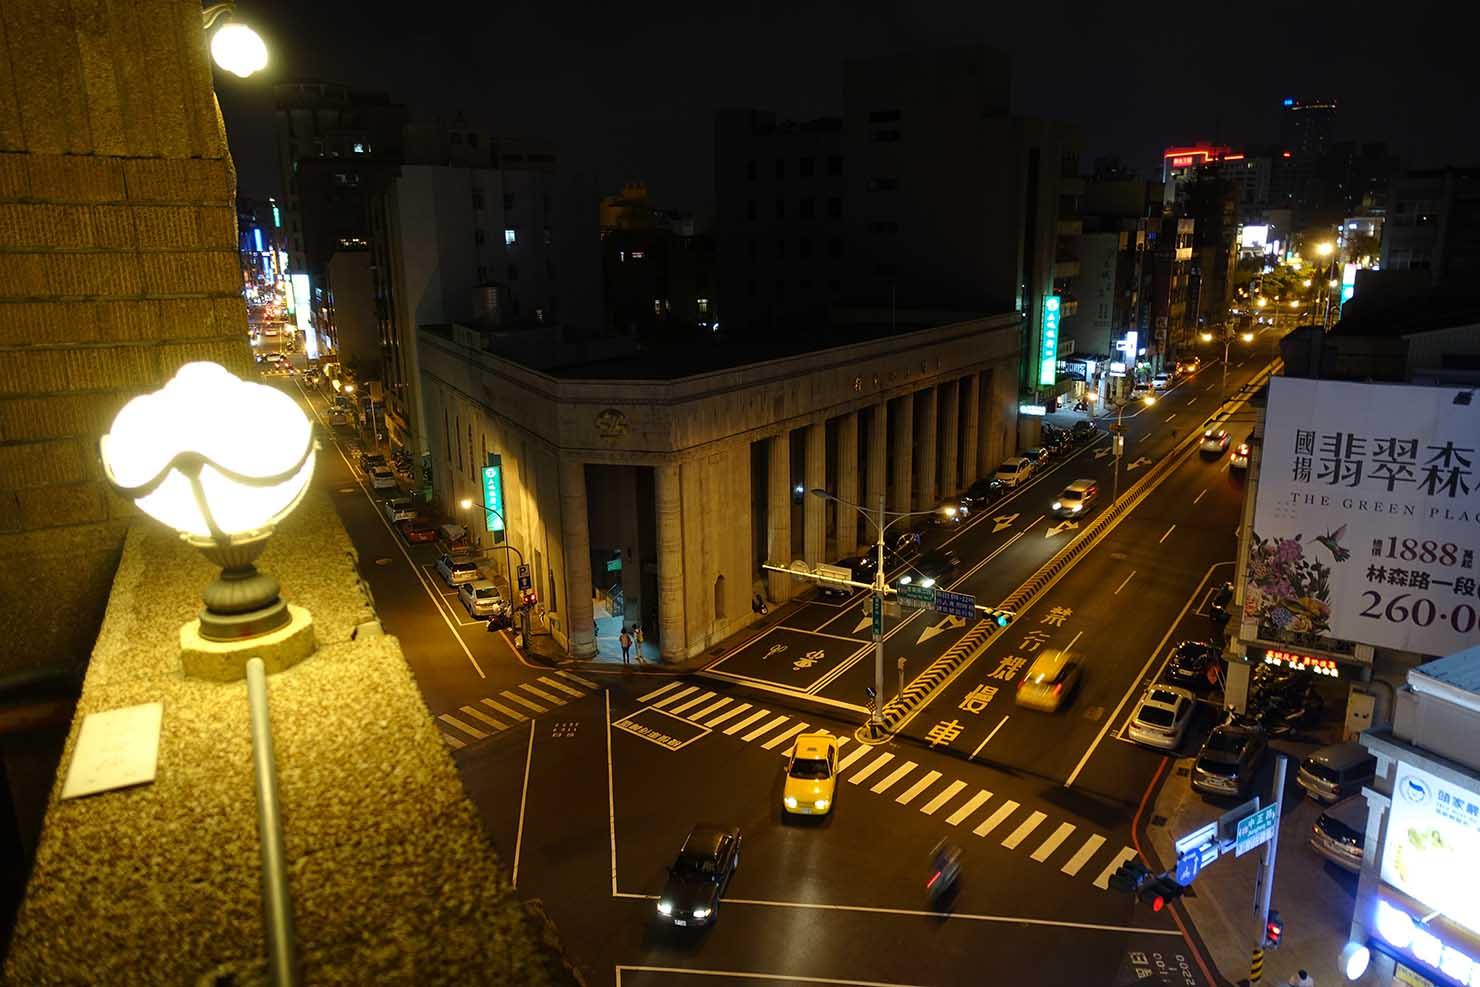 台湾の古都・台南のおすすめ観光スポット「林百貨」の屋上から眺める夜景